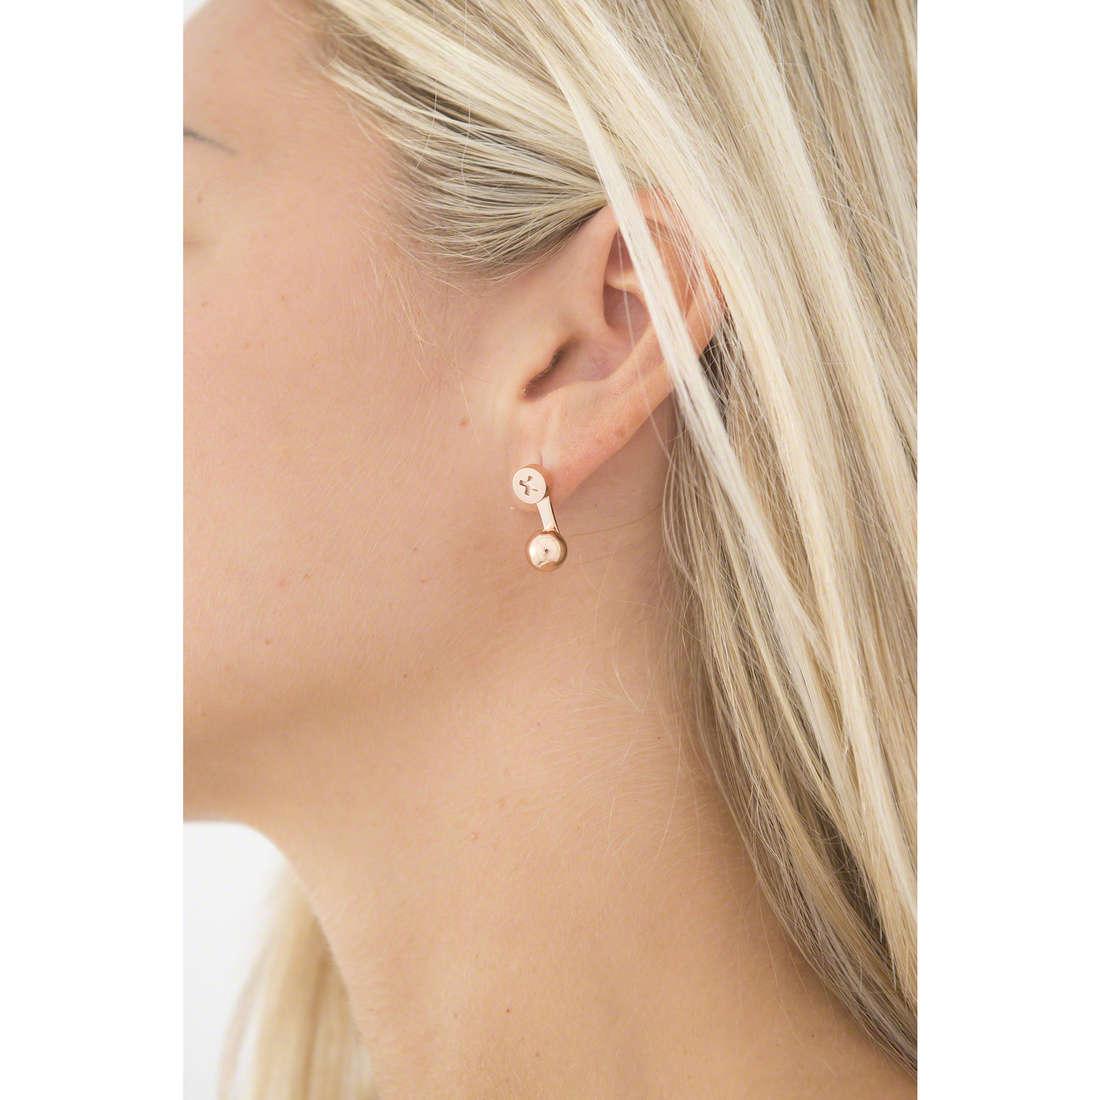 Emporio Armani orecchini donna EGS2242221 indosso